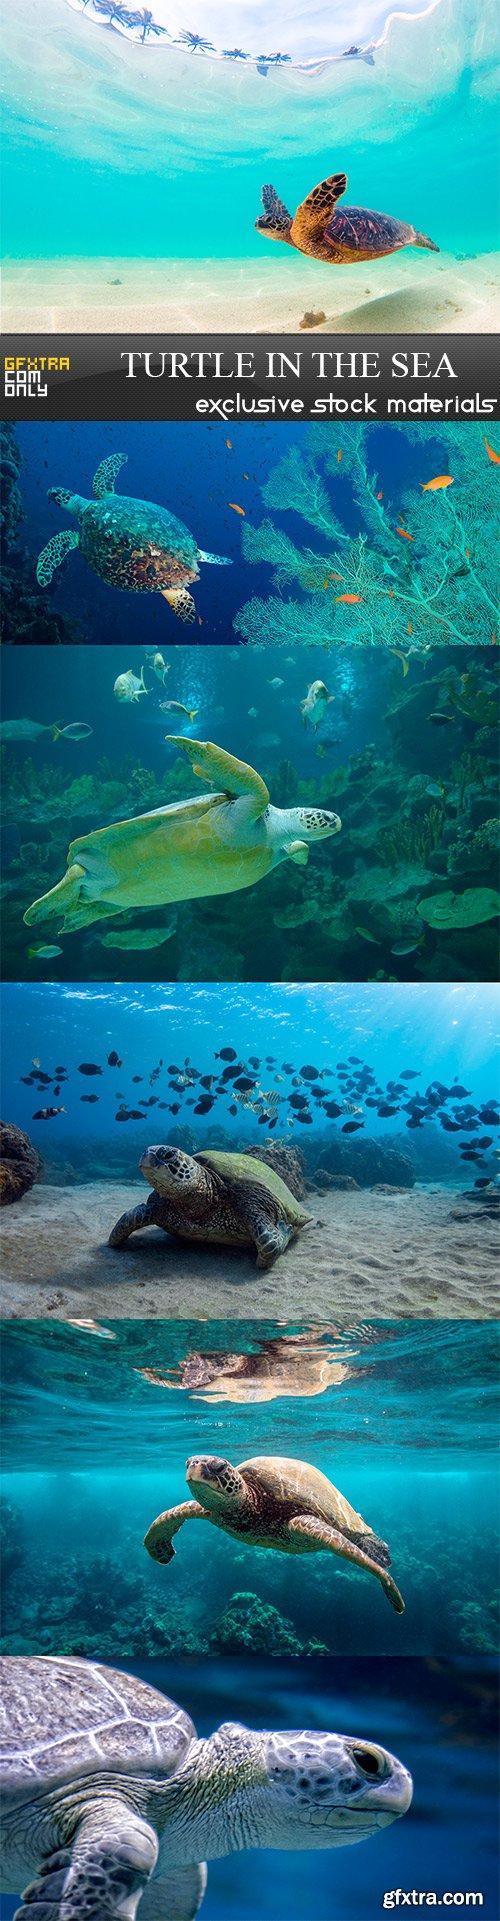 Turtle in the sea - 6UHQ JPEG